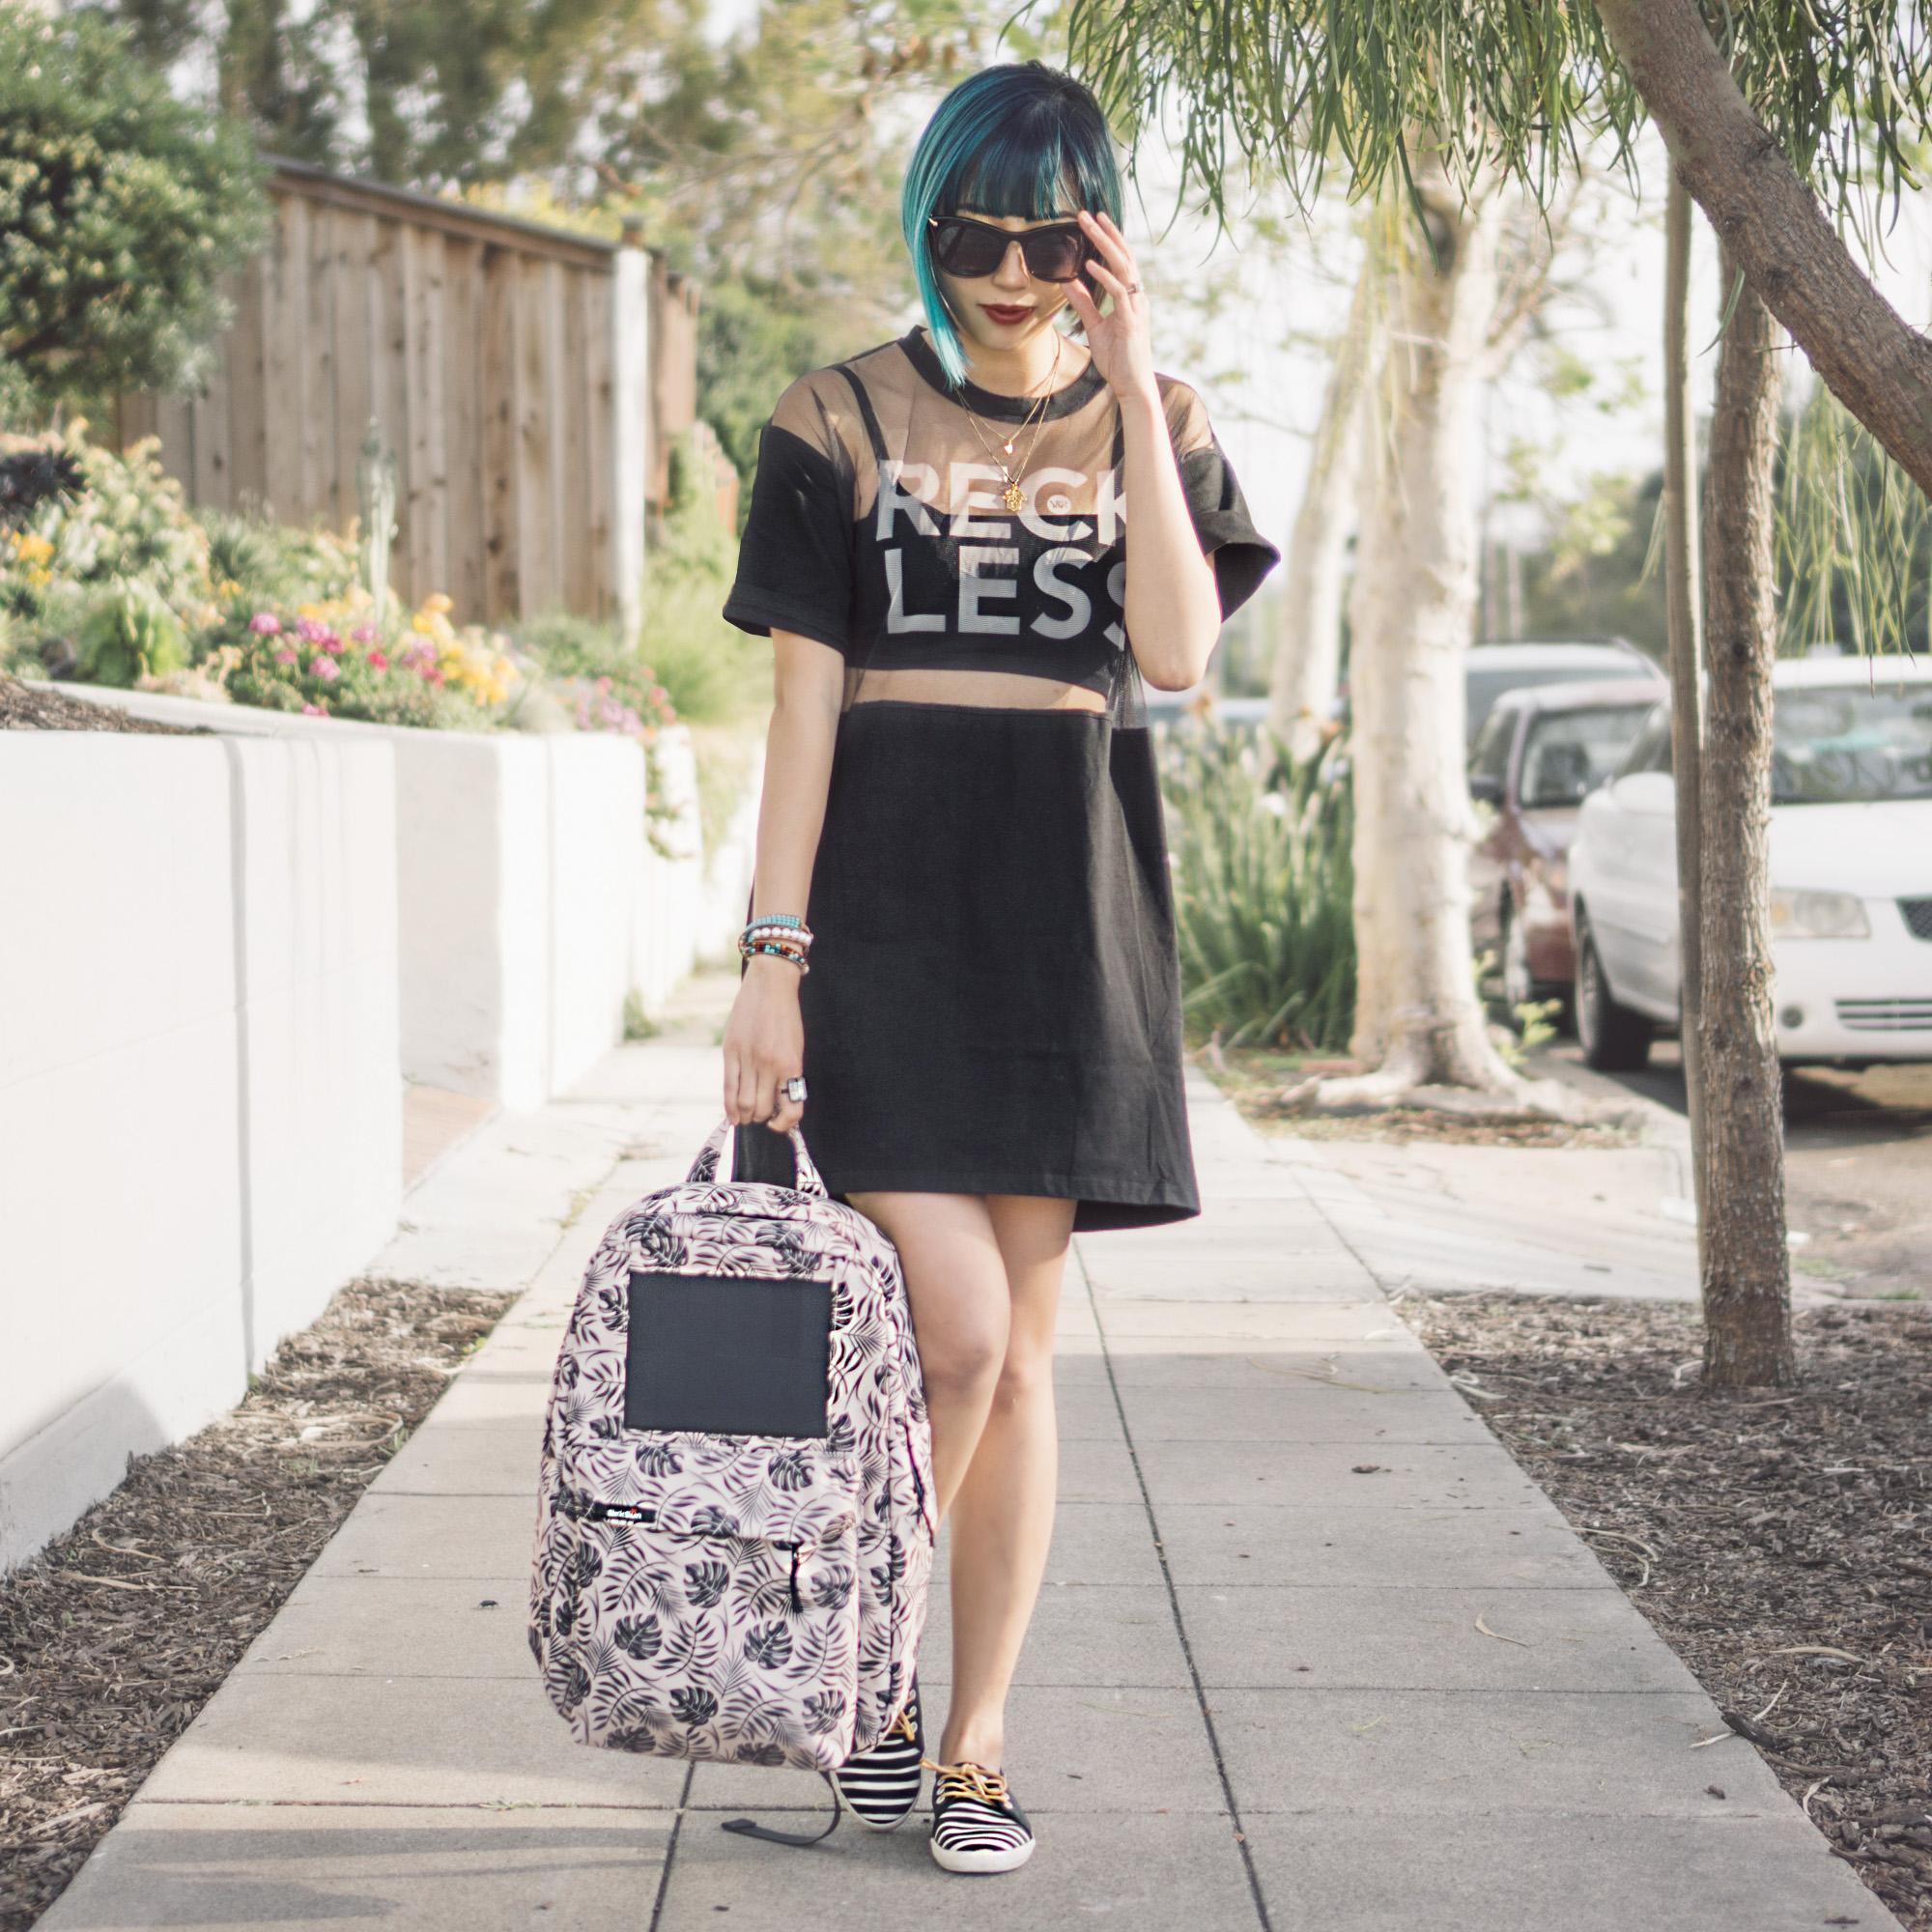 reckless-dress-8-2.jpg